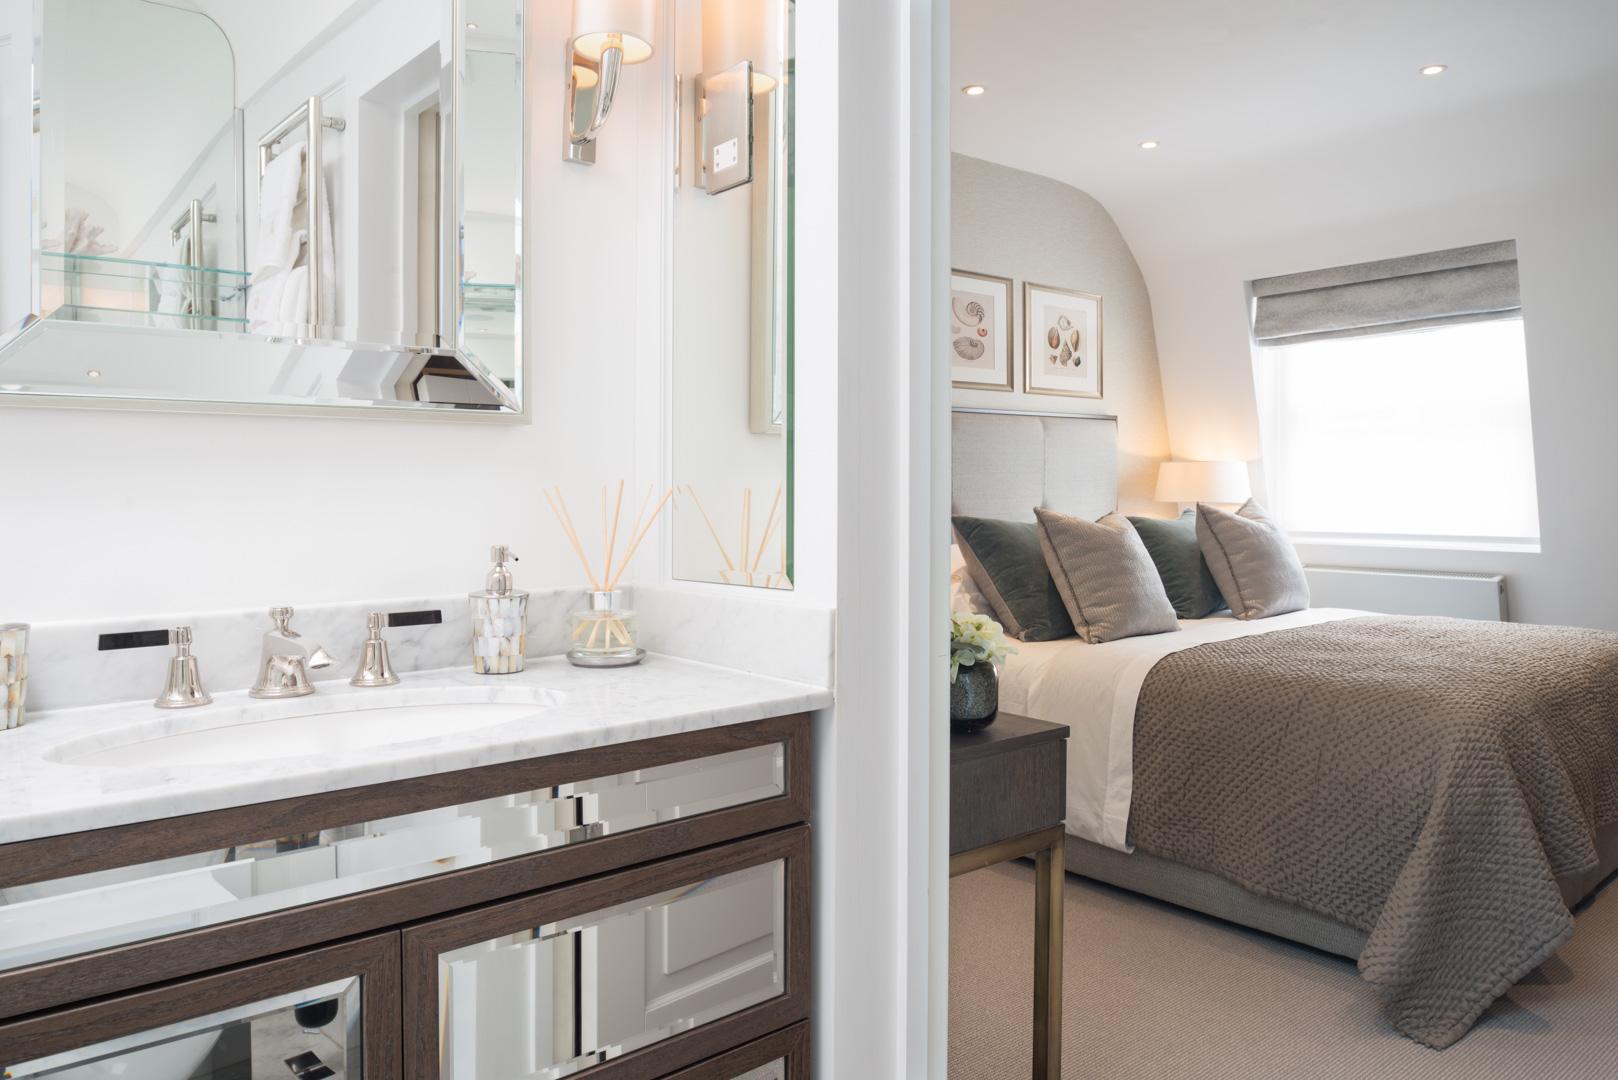 juliette byrne master bedroom interior design